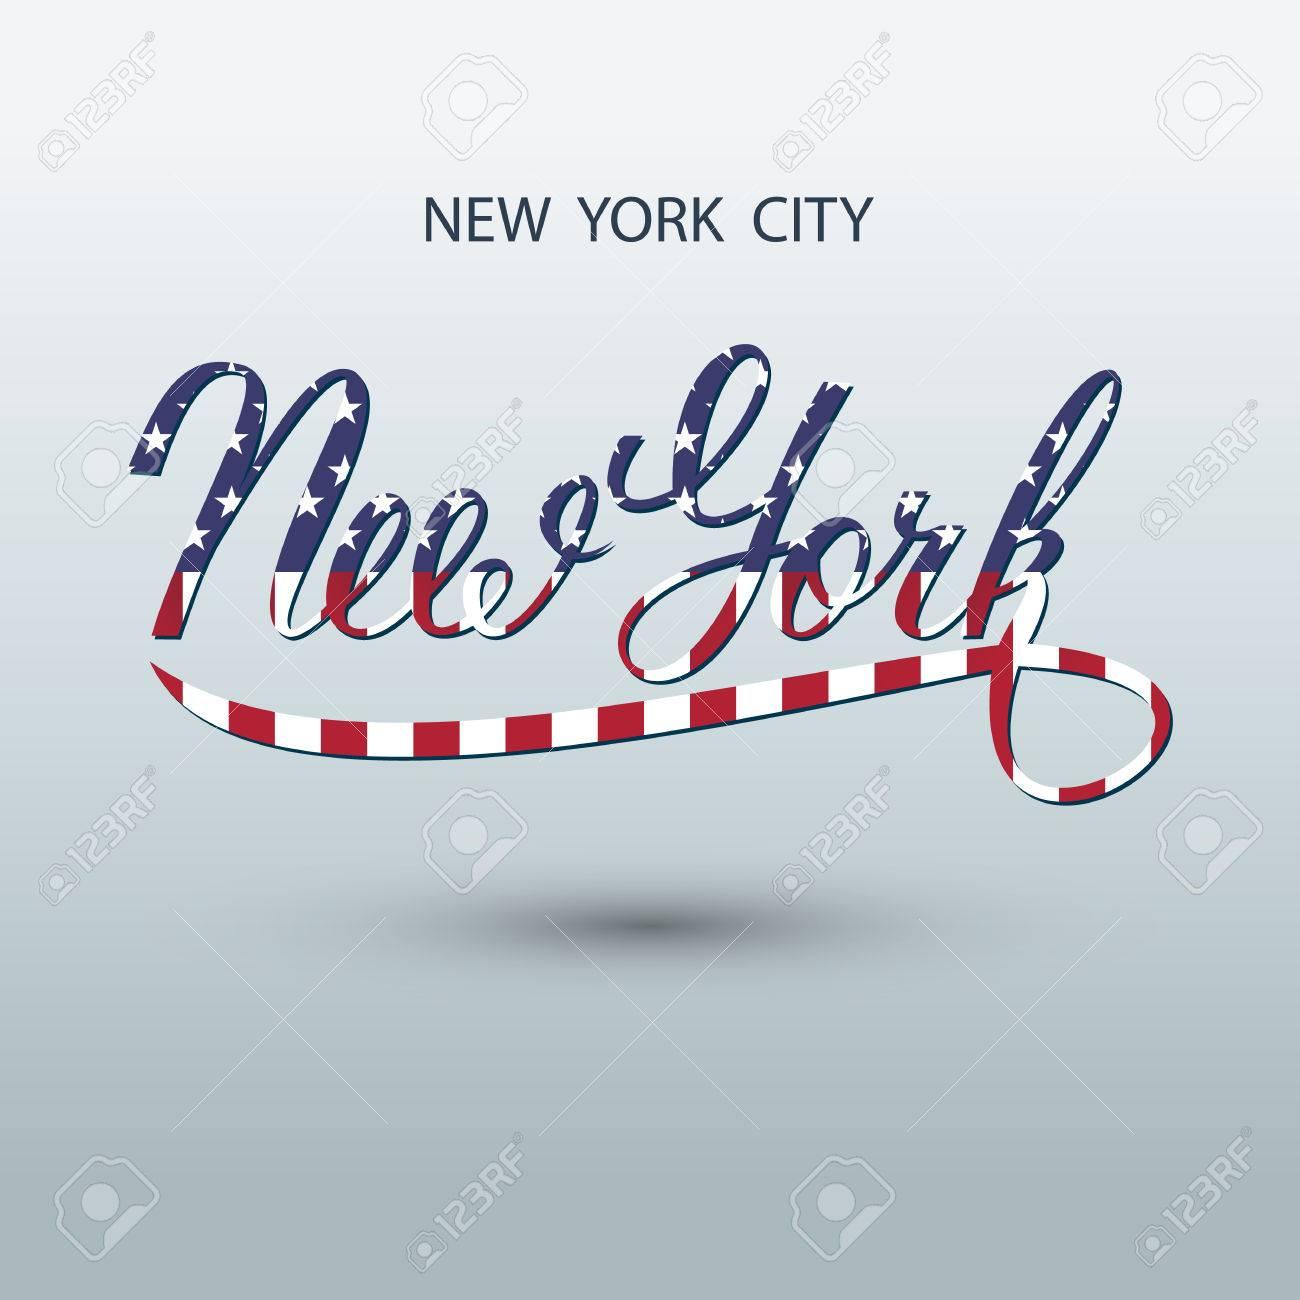 La Ciudad De Nueva York Logo Manuscrita. Ilustración Del Vector ...